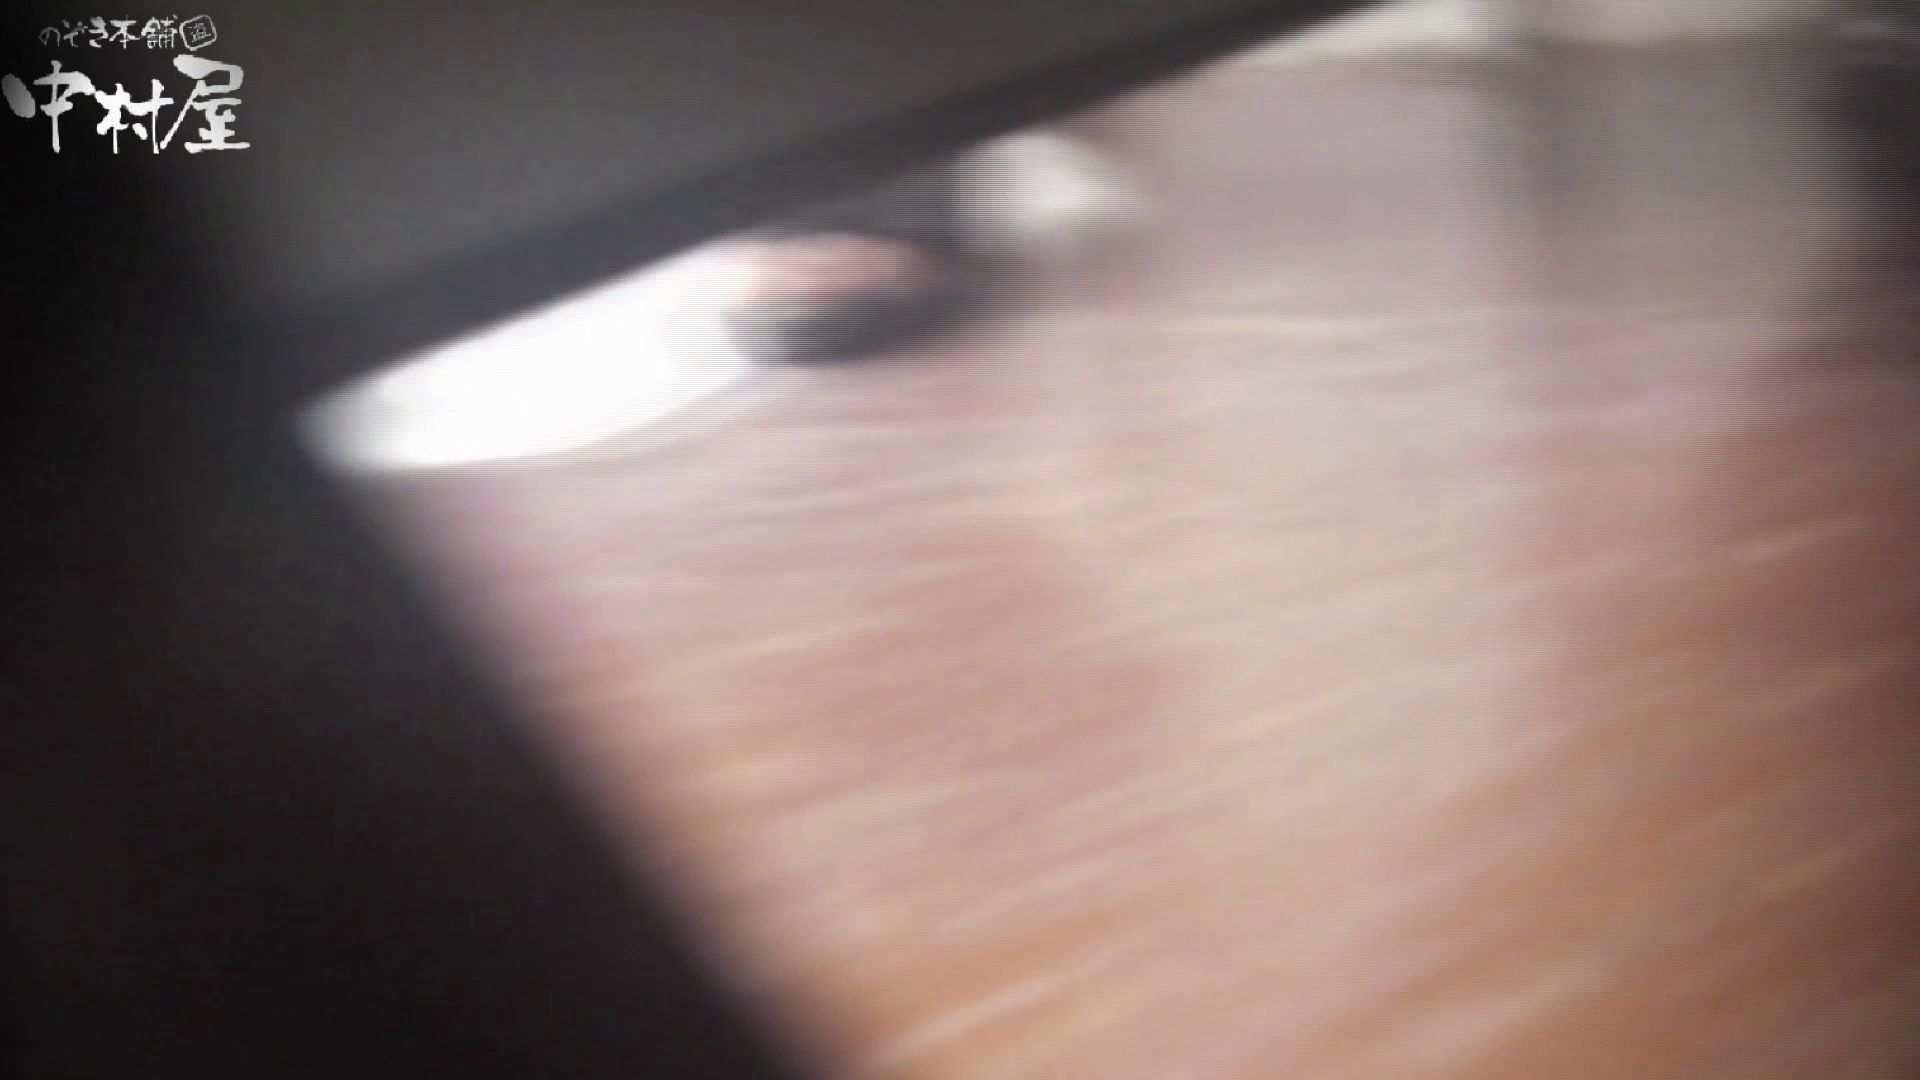 世界の射窓から~vol47 珍しい、毛からしたってくる聖水 OLエロ画像 | 0  113PICs 71